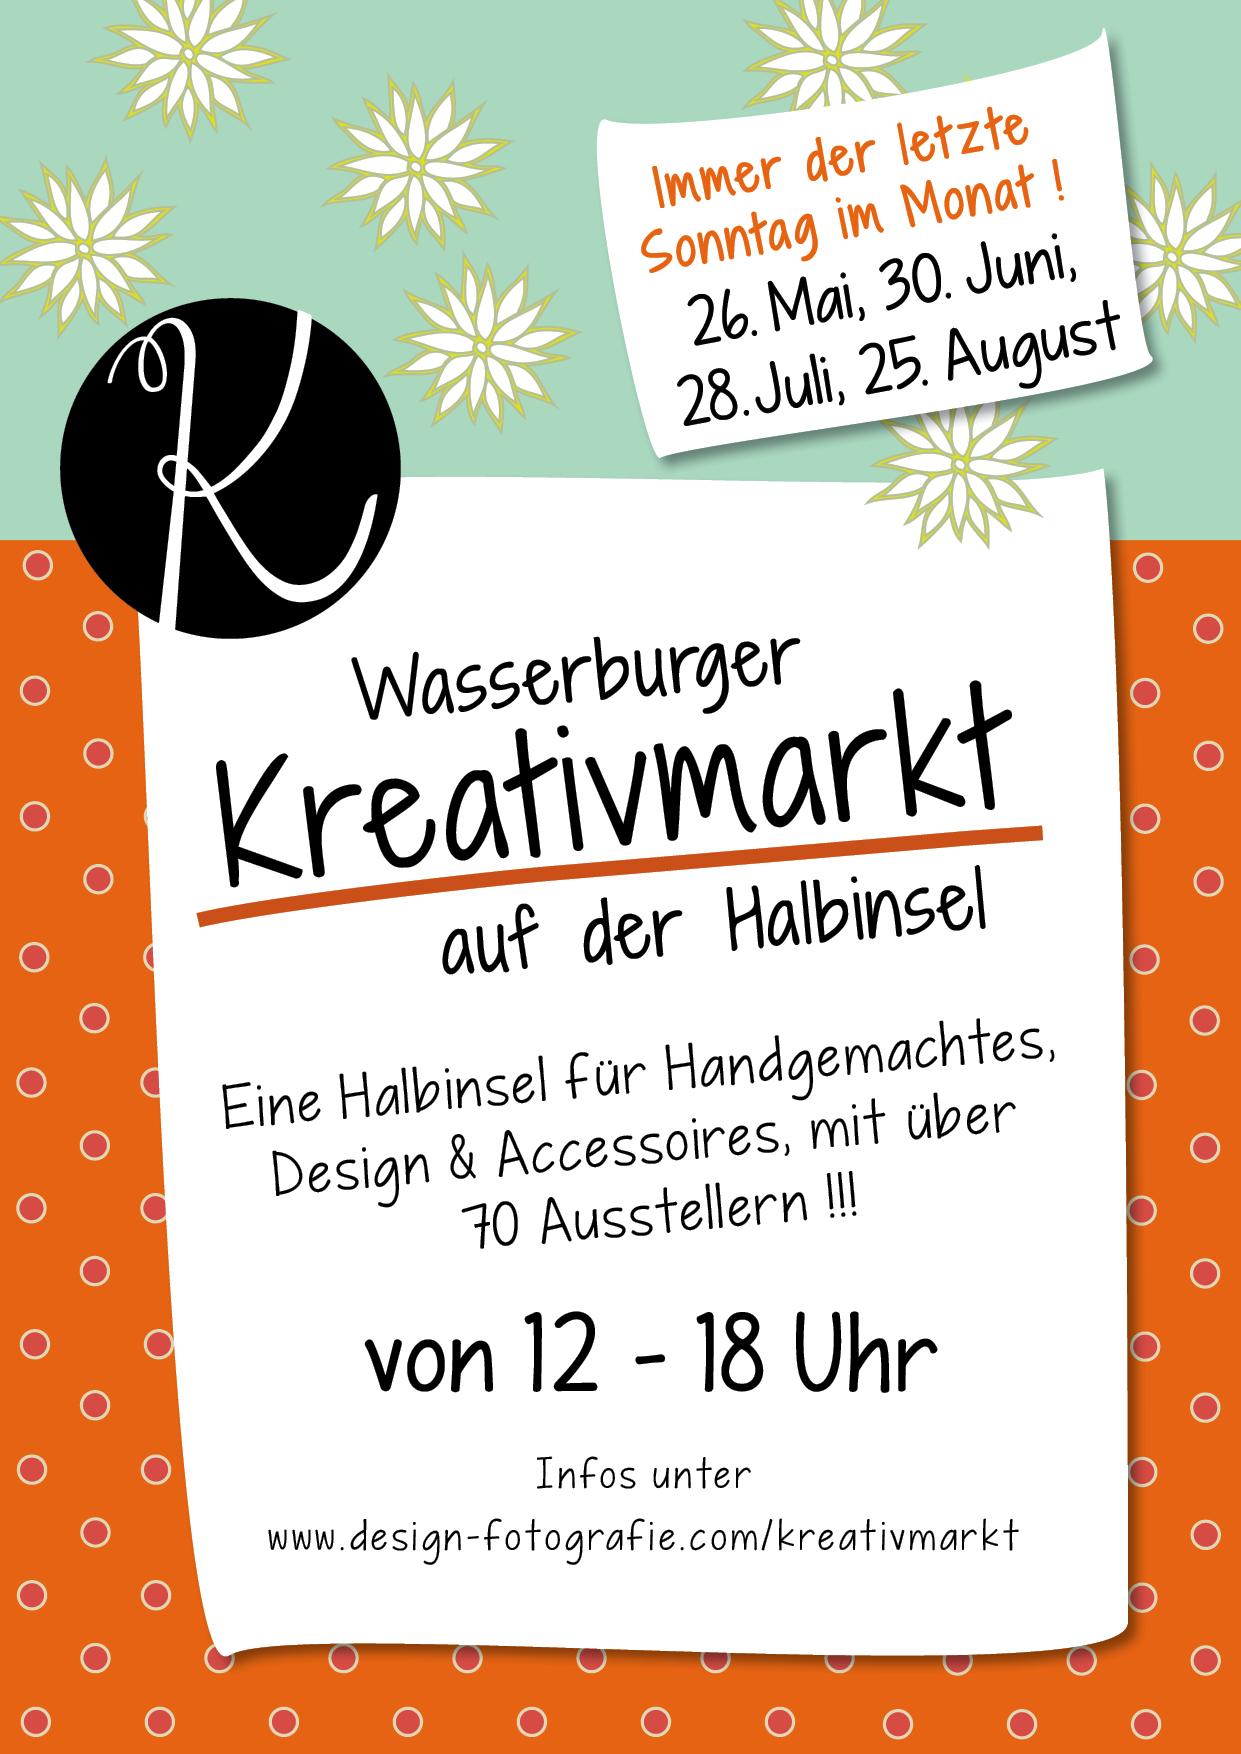 Kreativmarkt Wasserburg